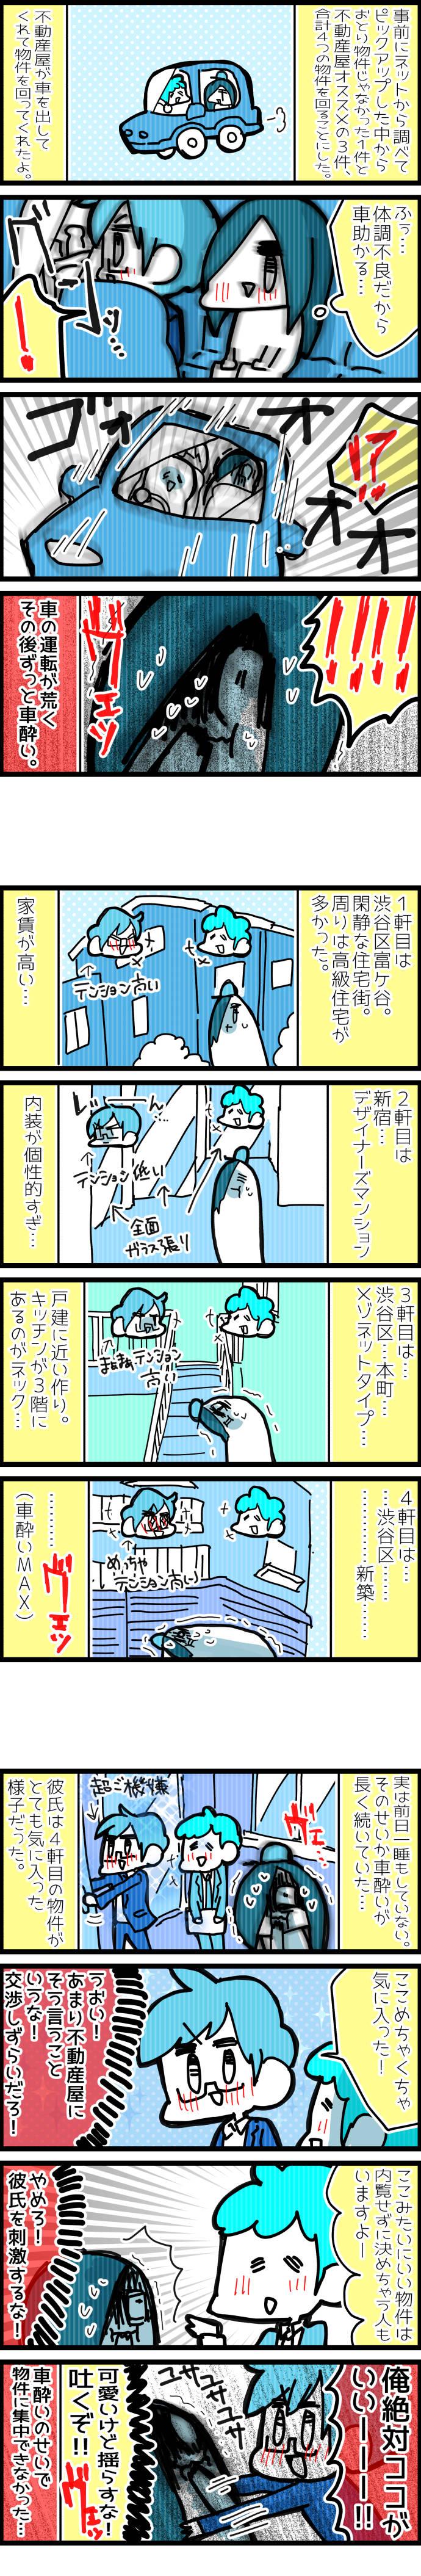 neetsadami.com_10話